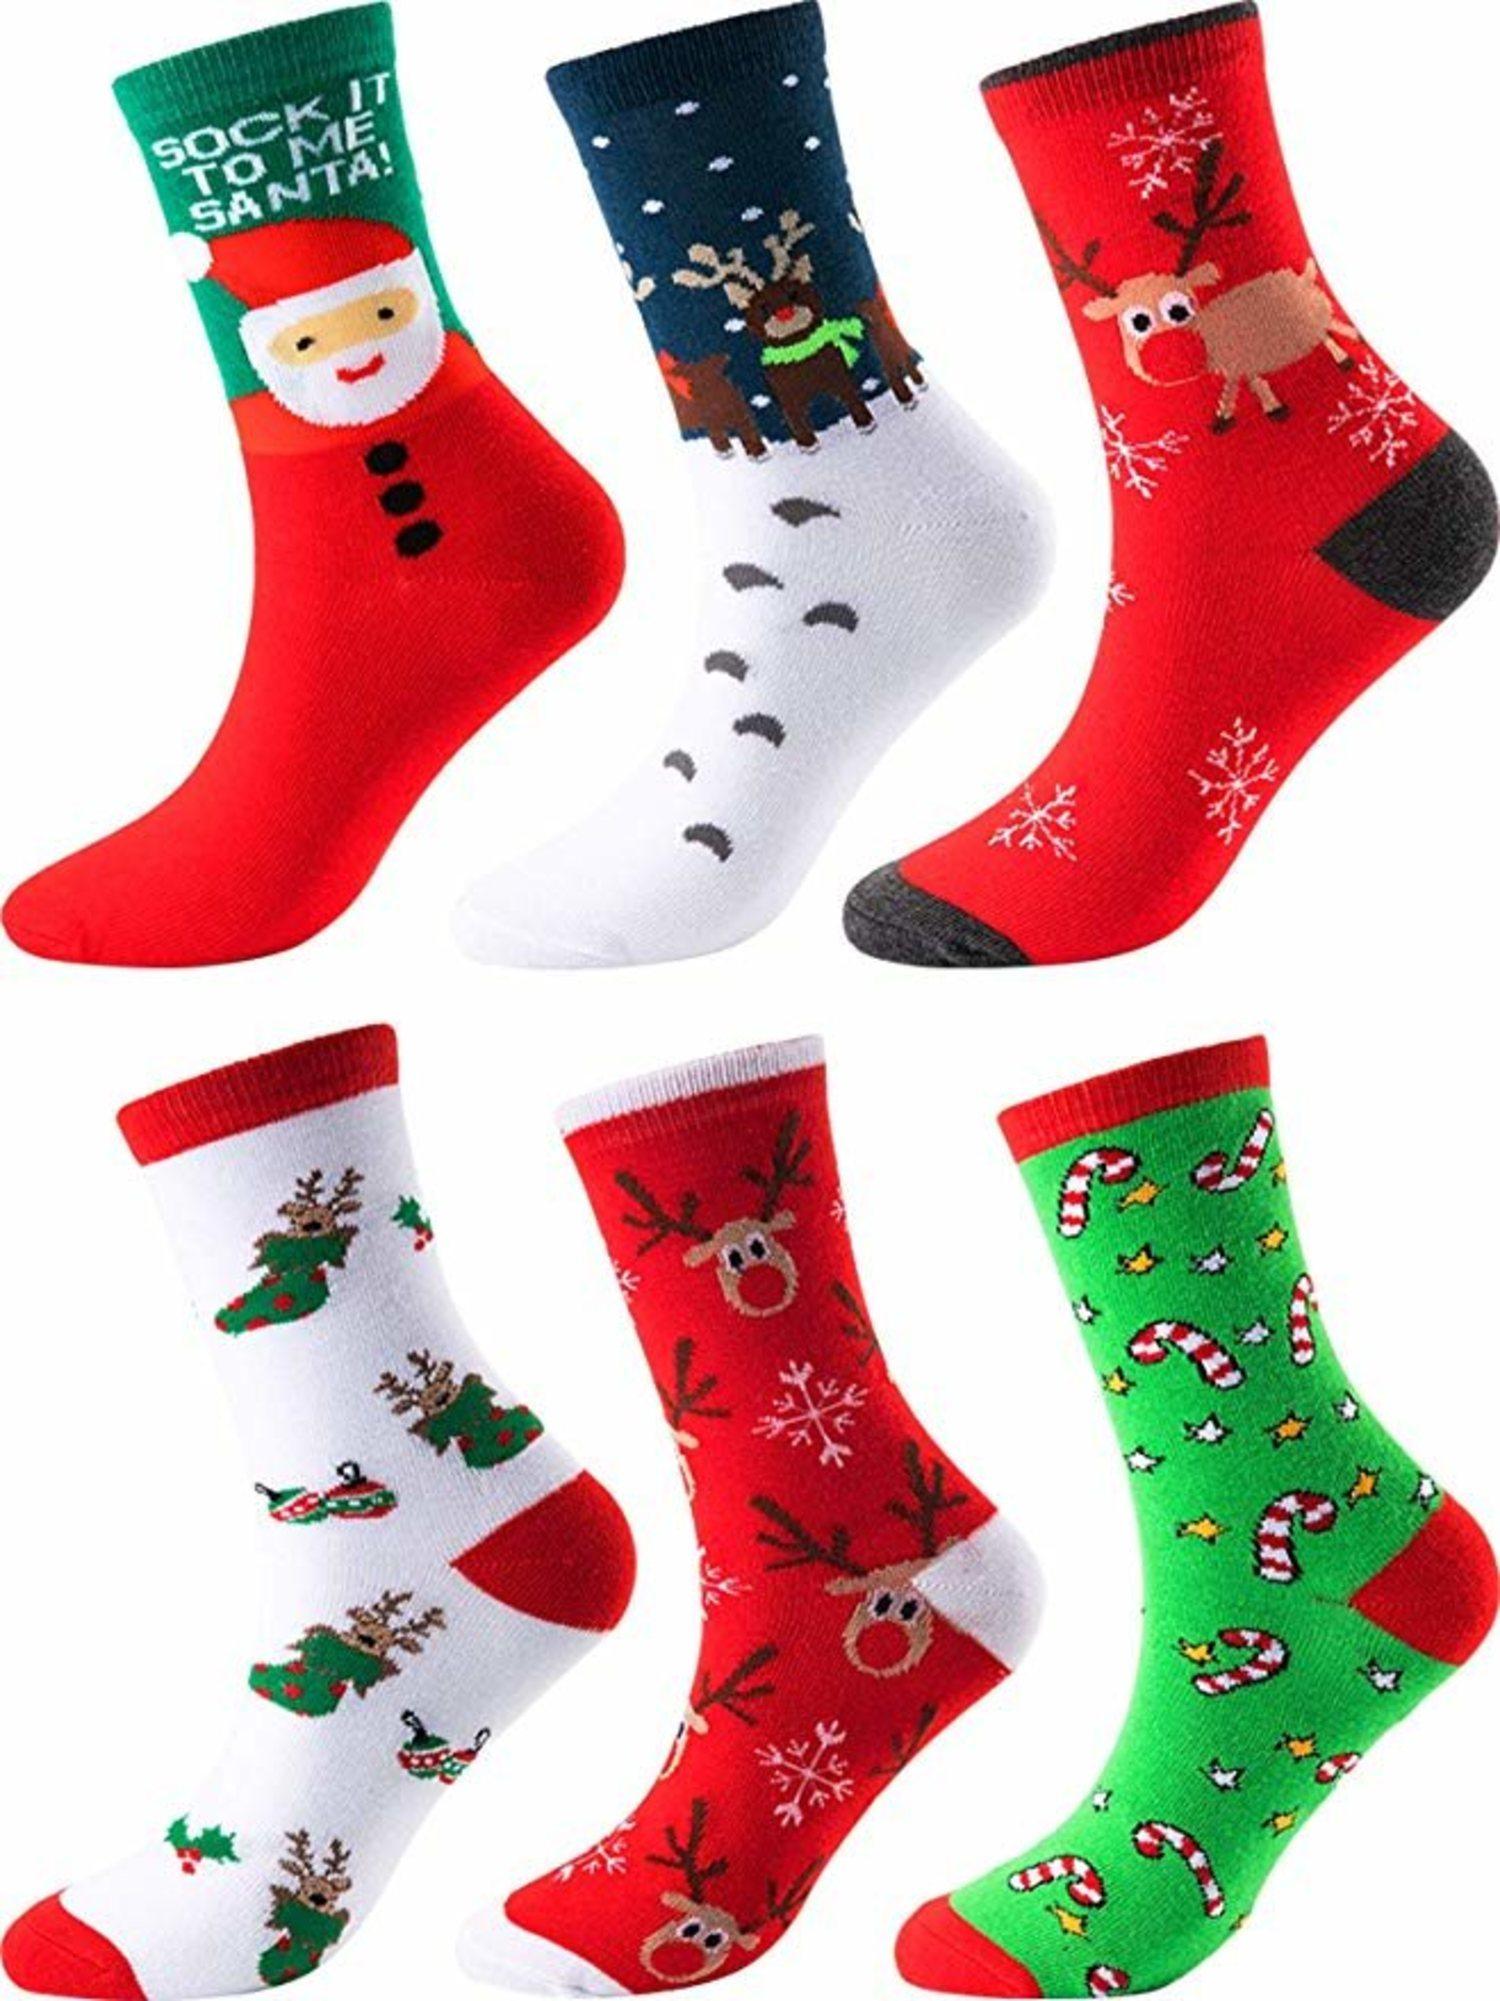 Se trata de una de las prendas más típicas en Navidad. Para vestir o colgarla en la pared como decoración.